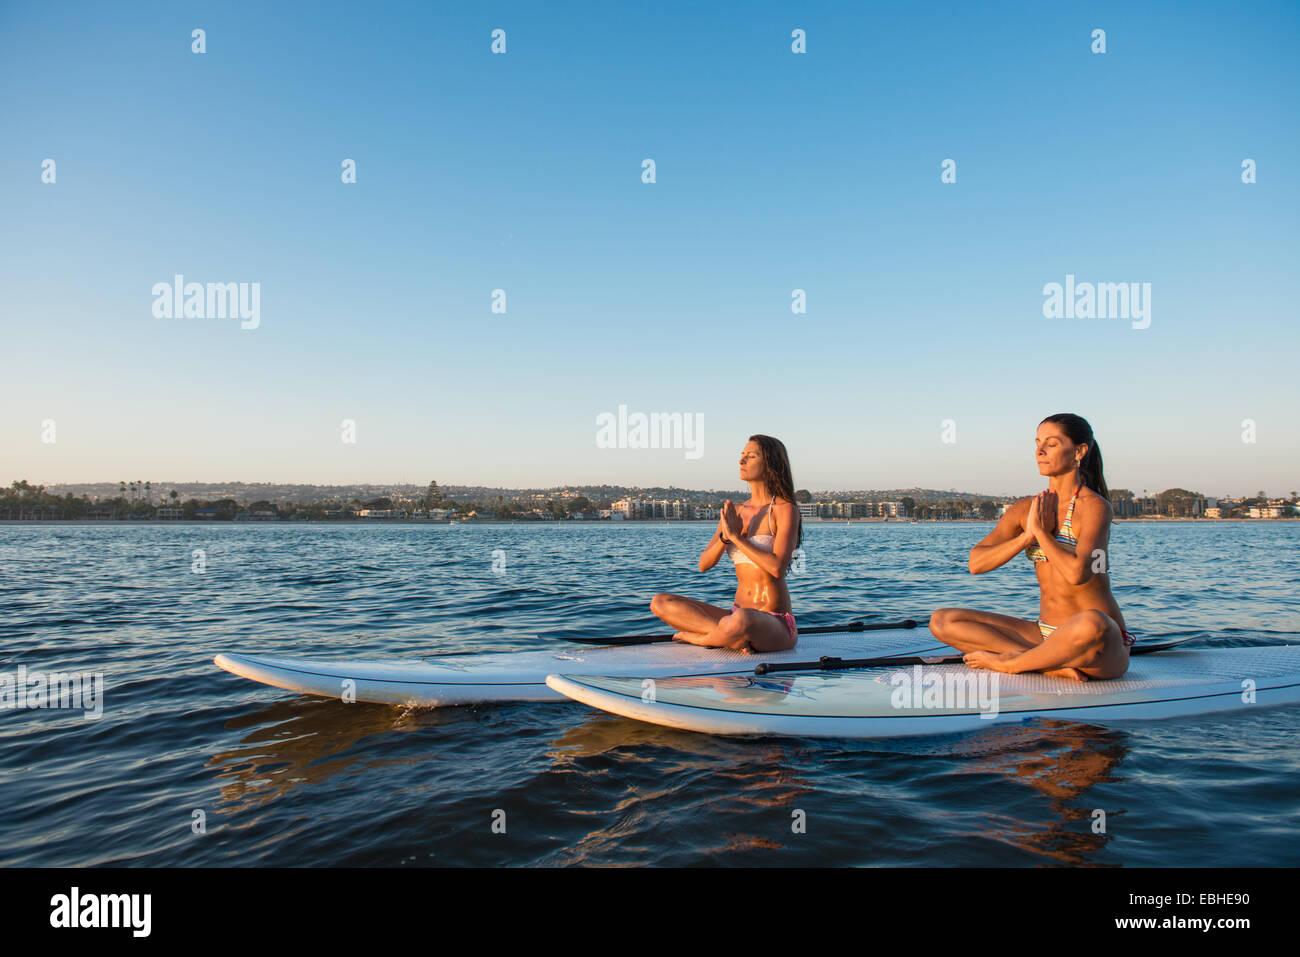 Dos mujeres en la postura del loto sobre paddleboards, Mission Bay, San Diego, California, EE.UU. Imagen De Stock